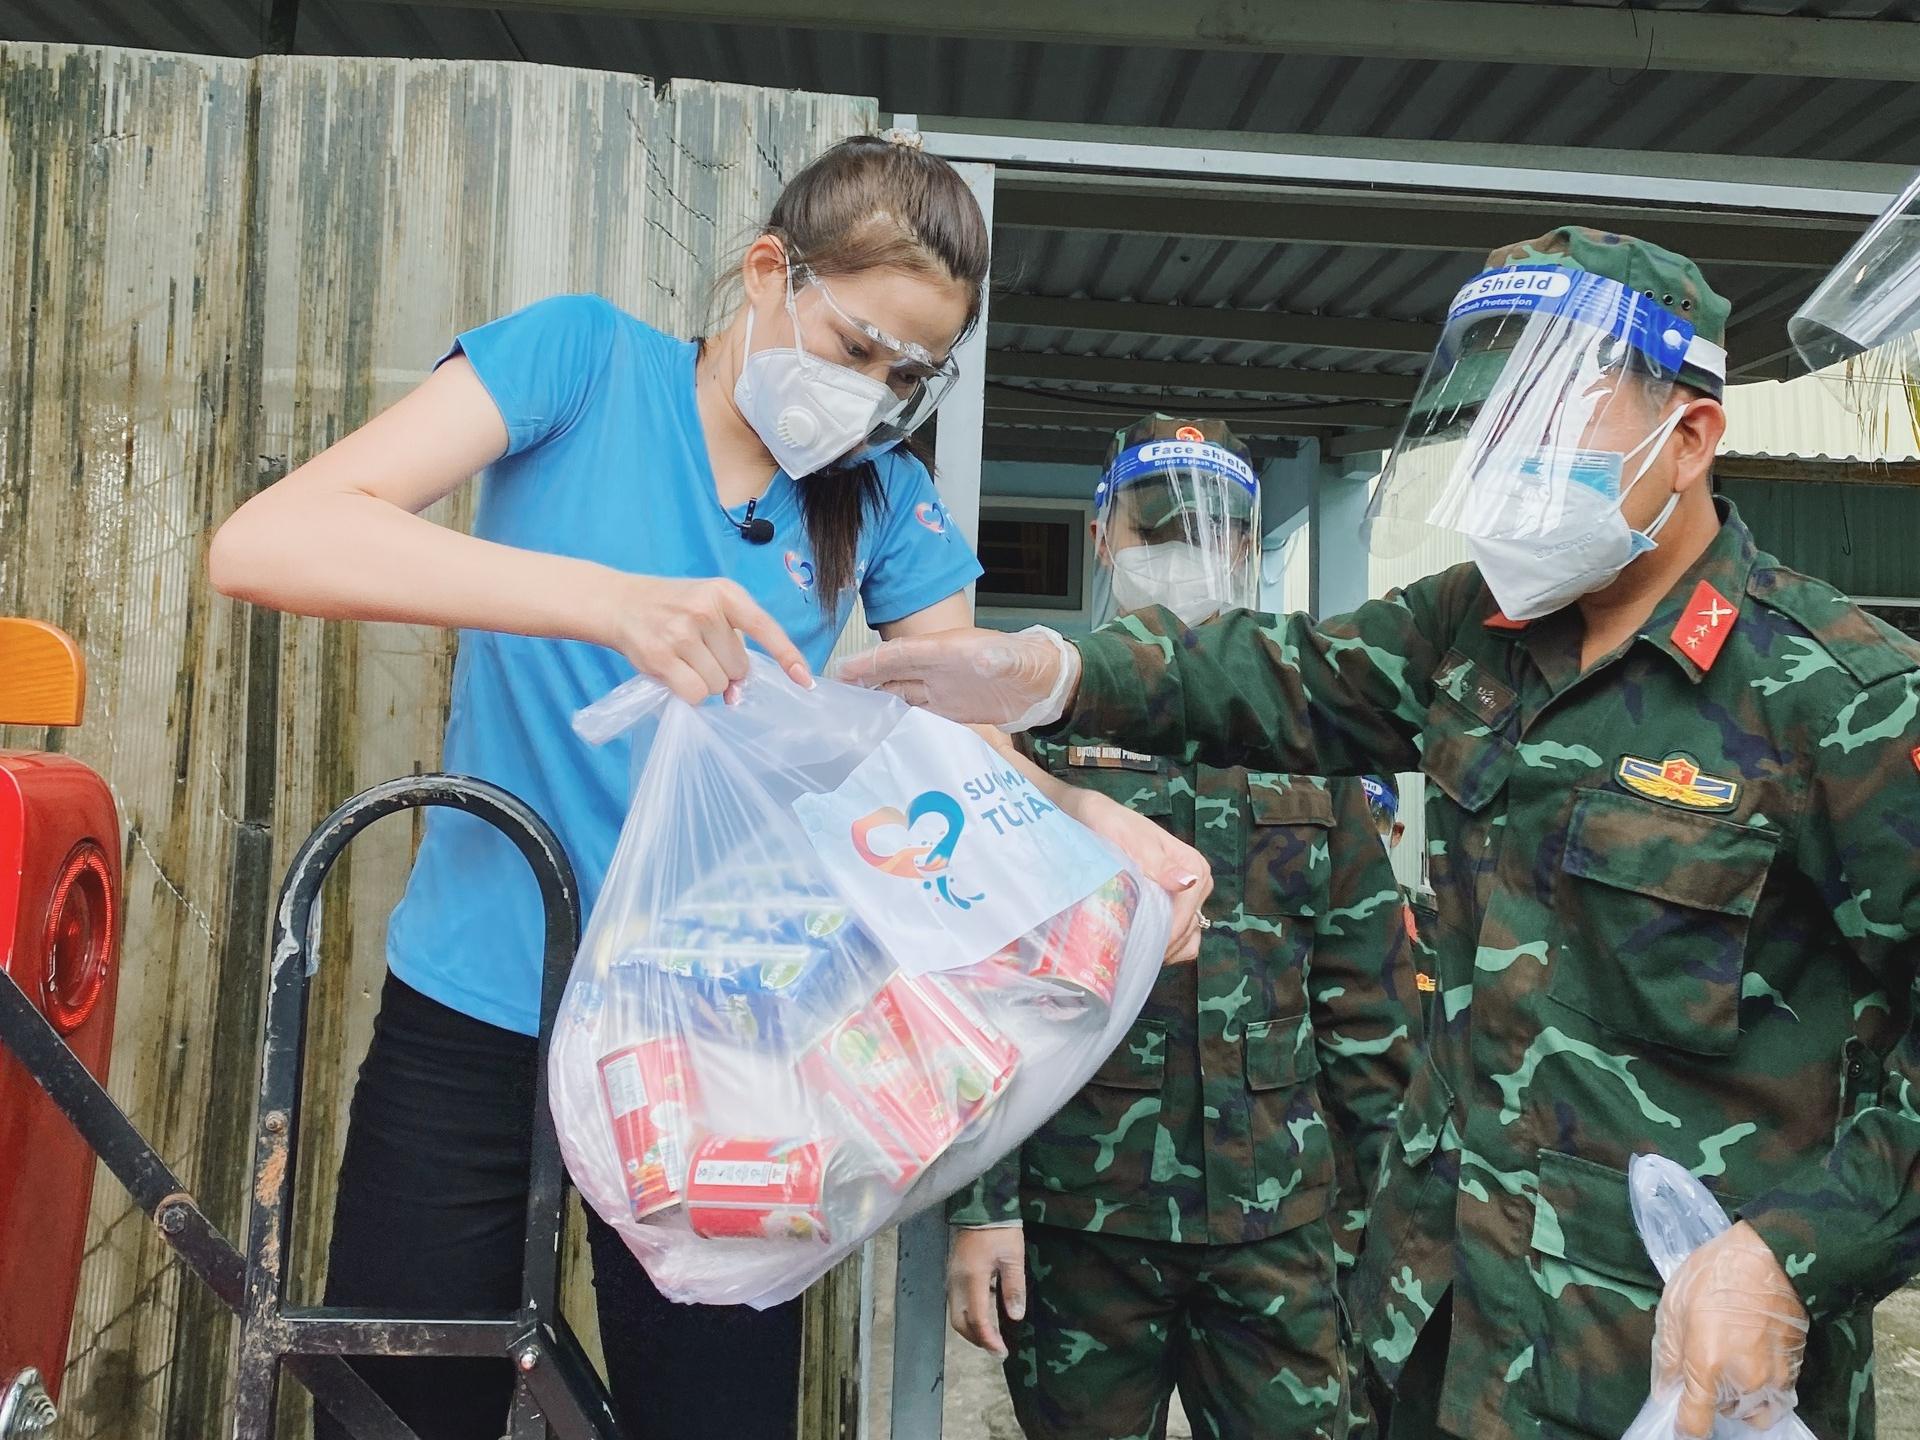 Hoa hậu Đỗ Thị Hà cứu trợ người nghèo - 1